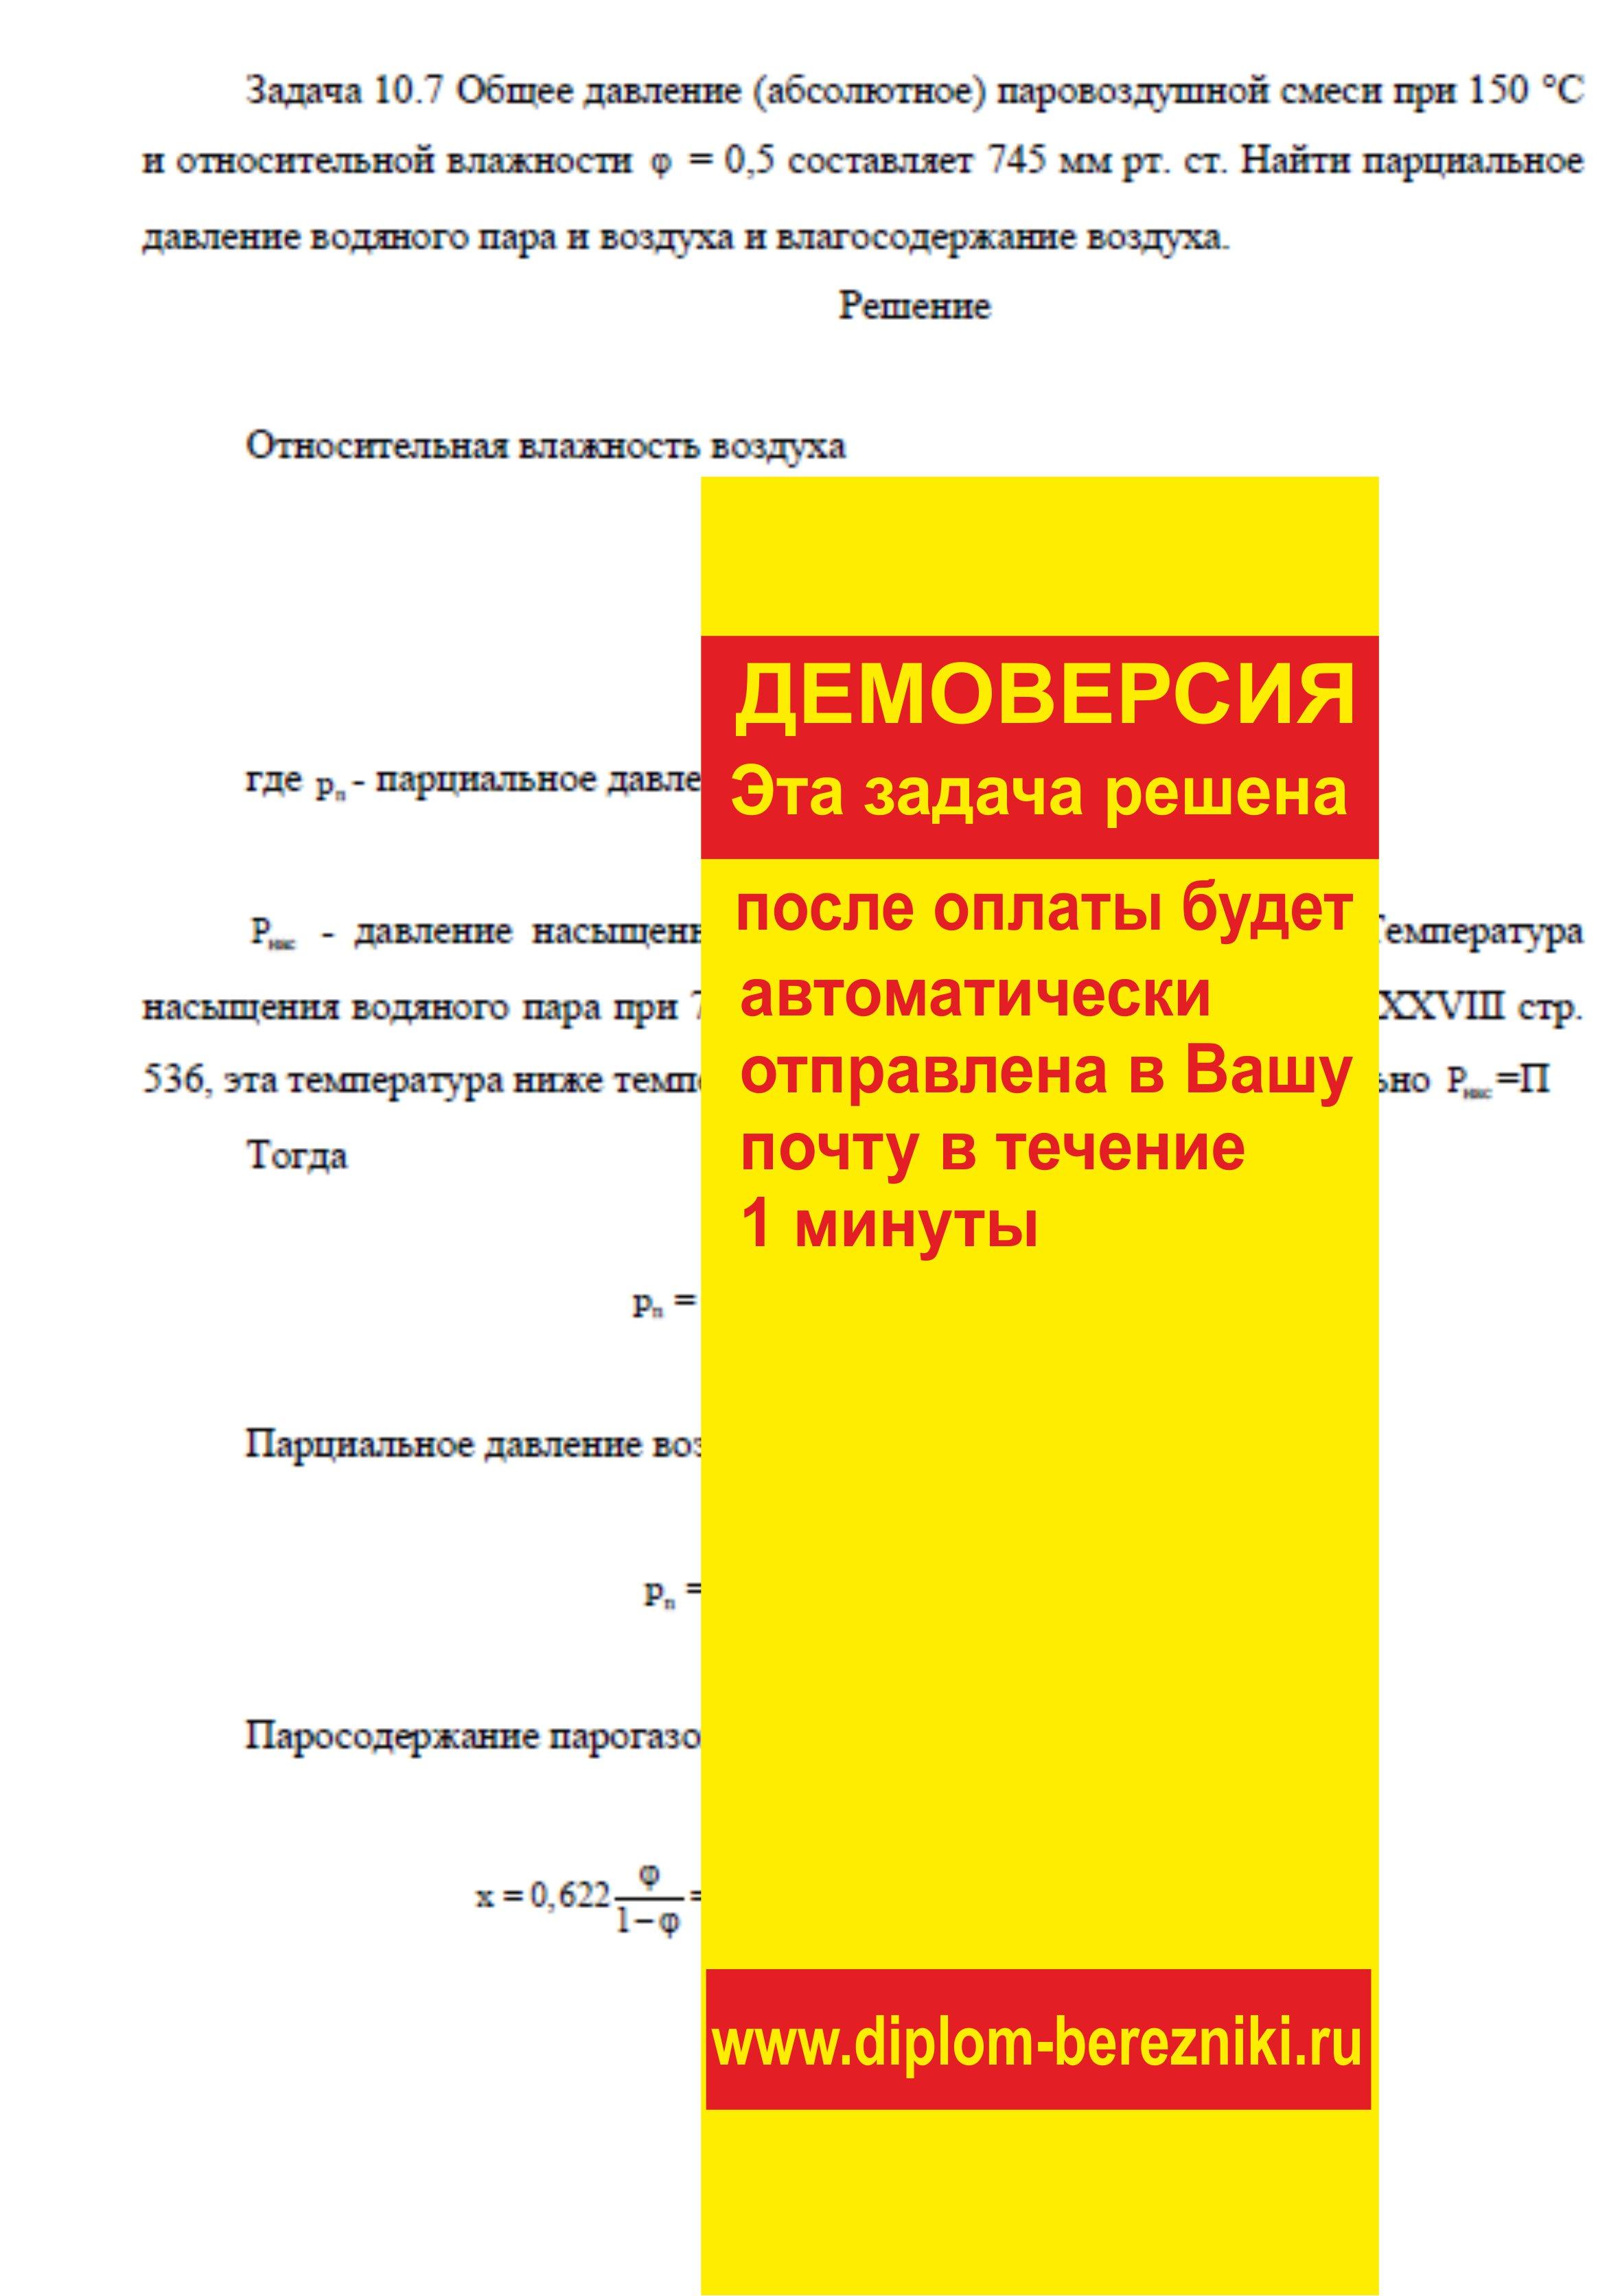 Решение задачи 10.7 по ПАХТ из задачника Павлова Романкова Носкова